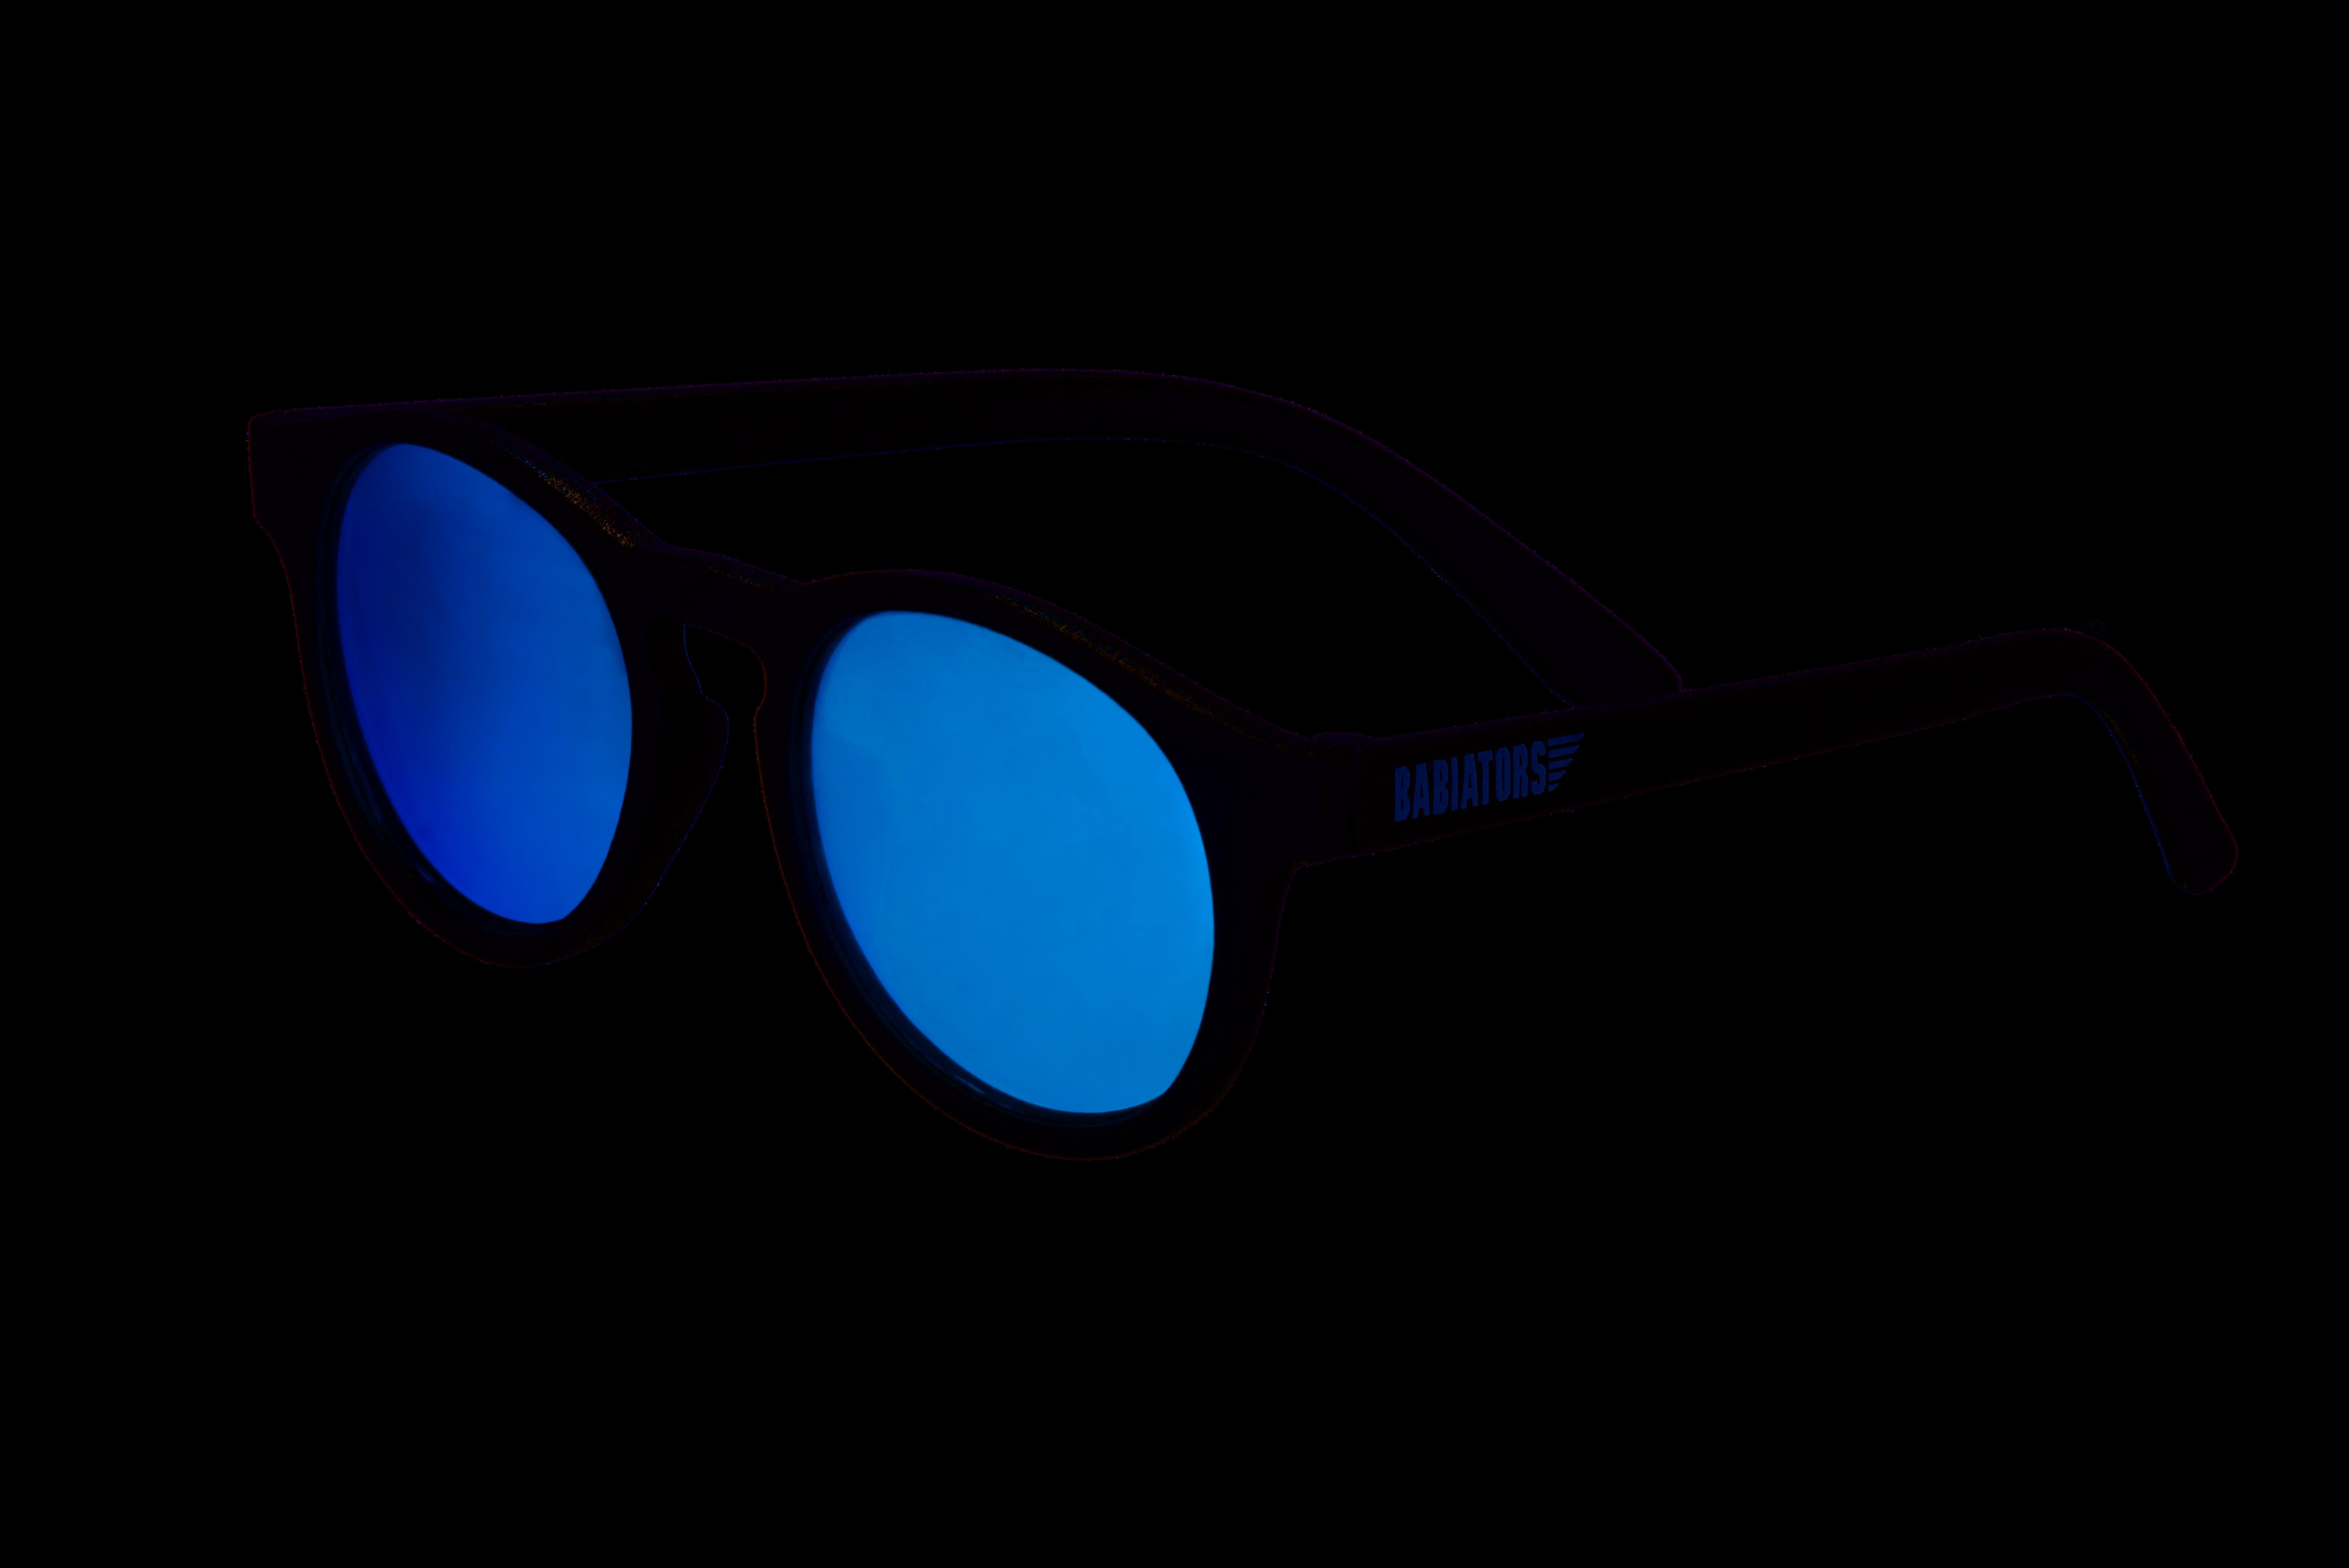 BABIATORS The Agent polarizační sluneční brýle, černé, 3-5 let